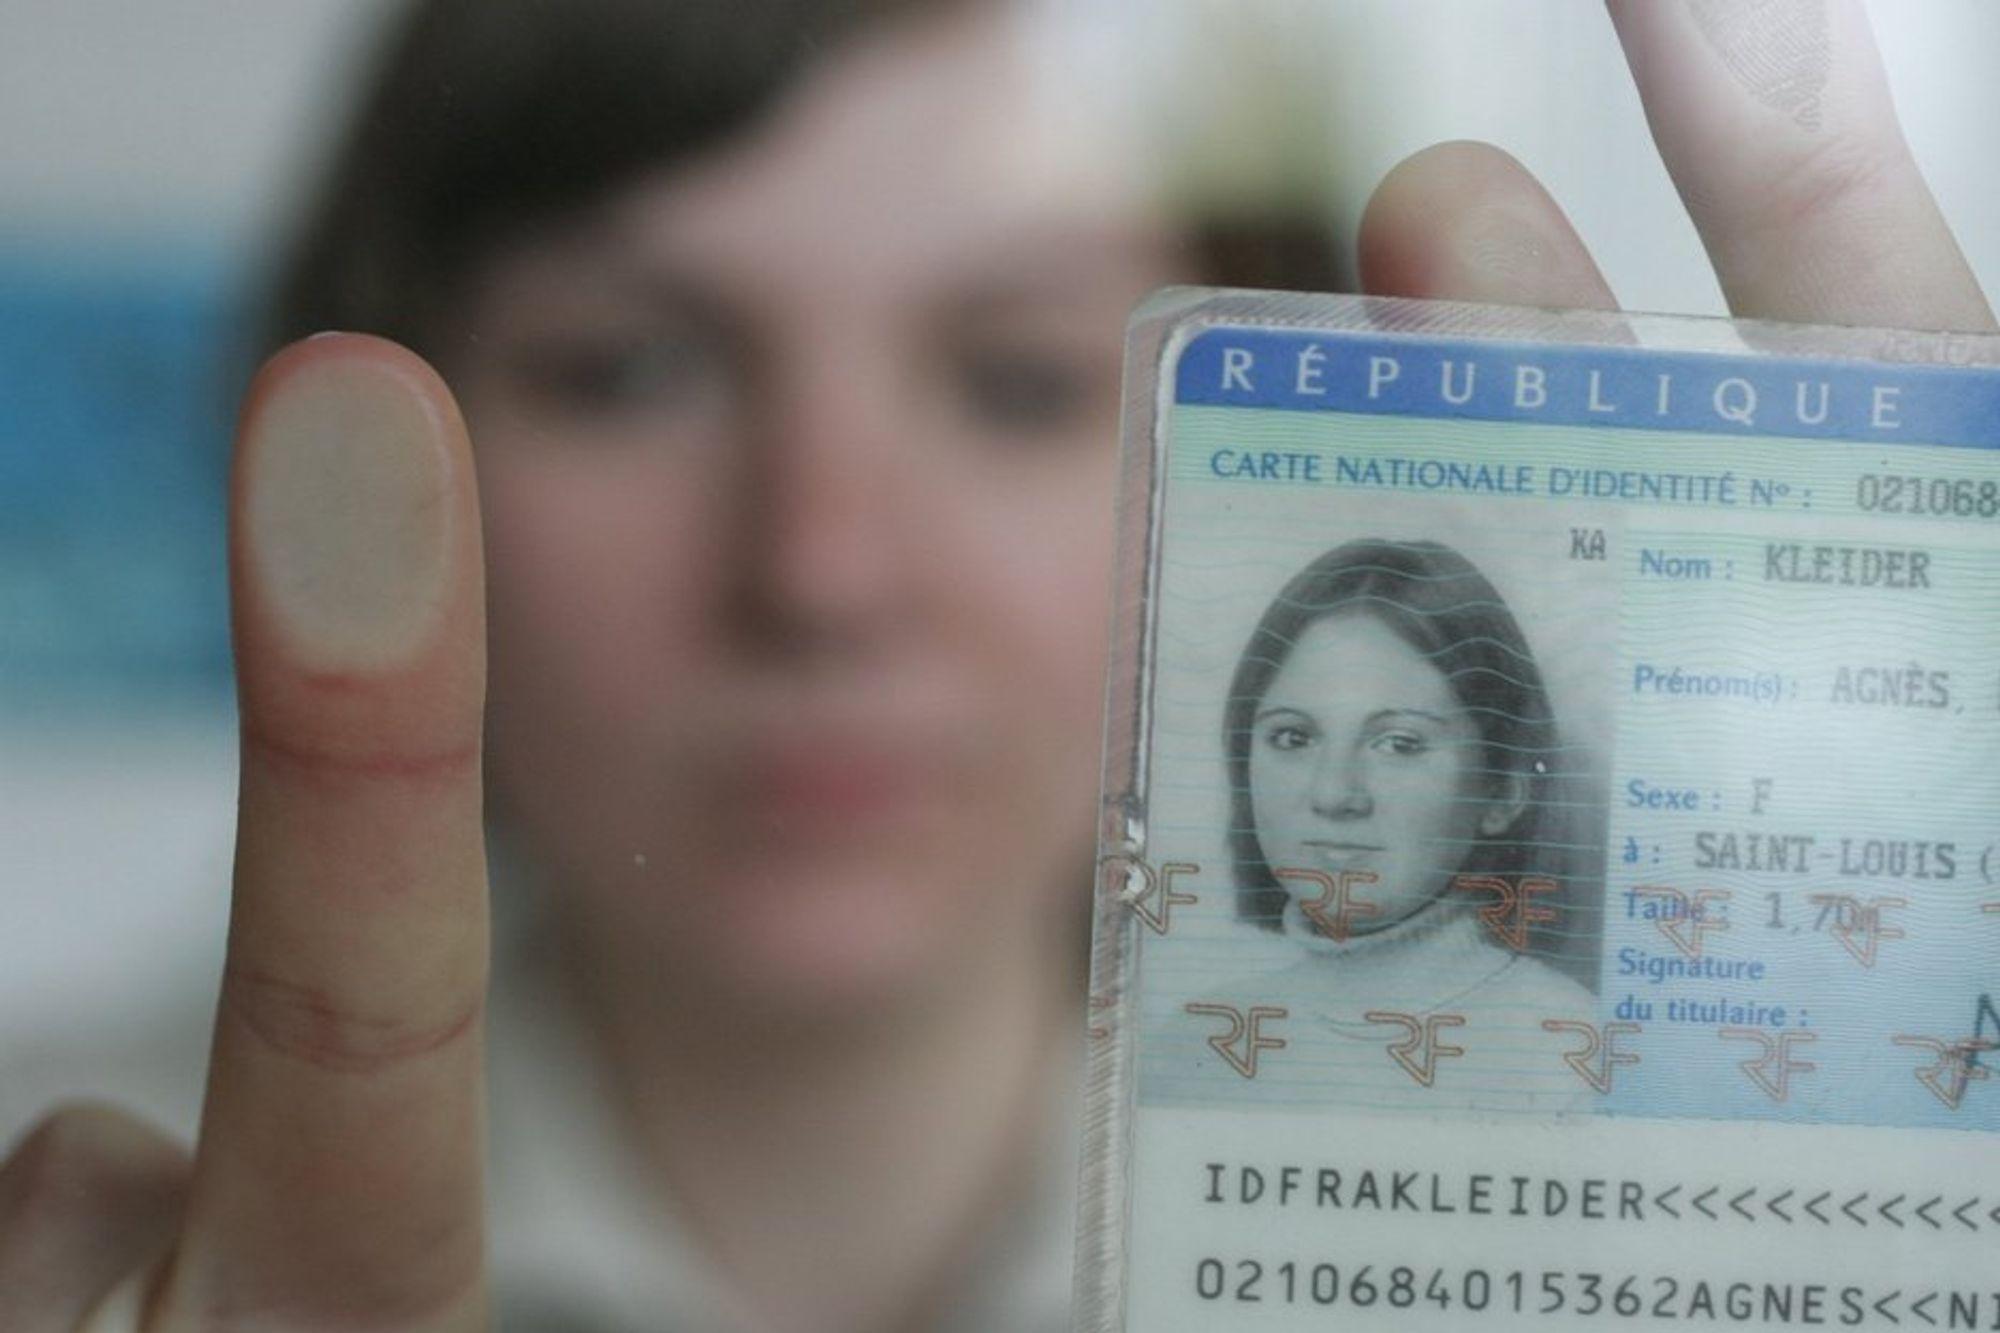 Et nytt it-system med digitale fingeravtrykk som lagres i en sentral database skal hindre id-tyveri og falsk innpass i Schengenområdet.